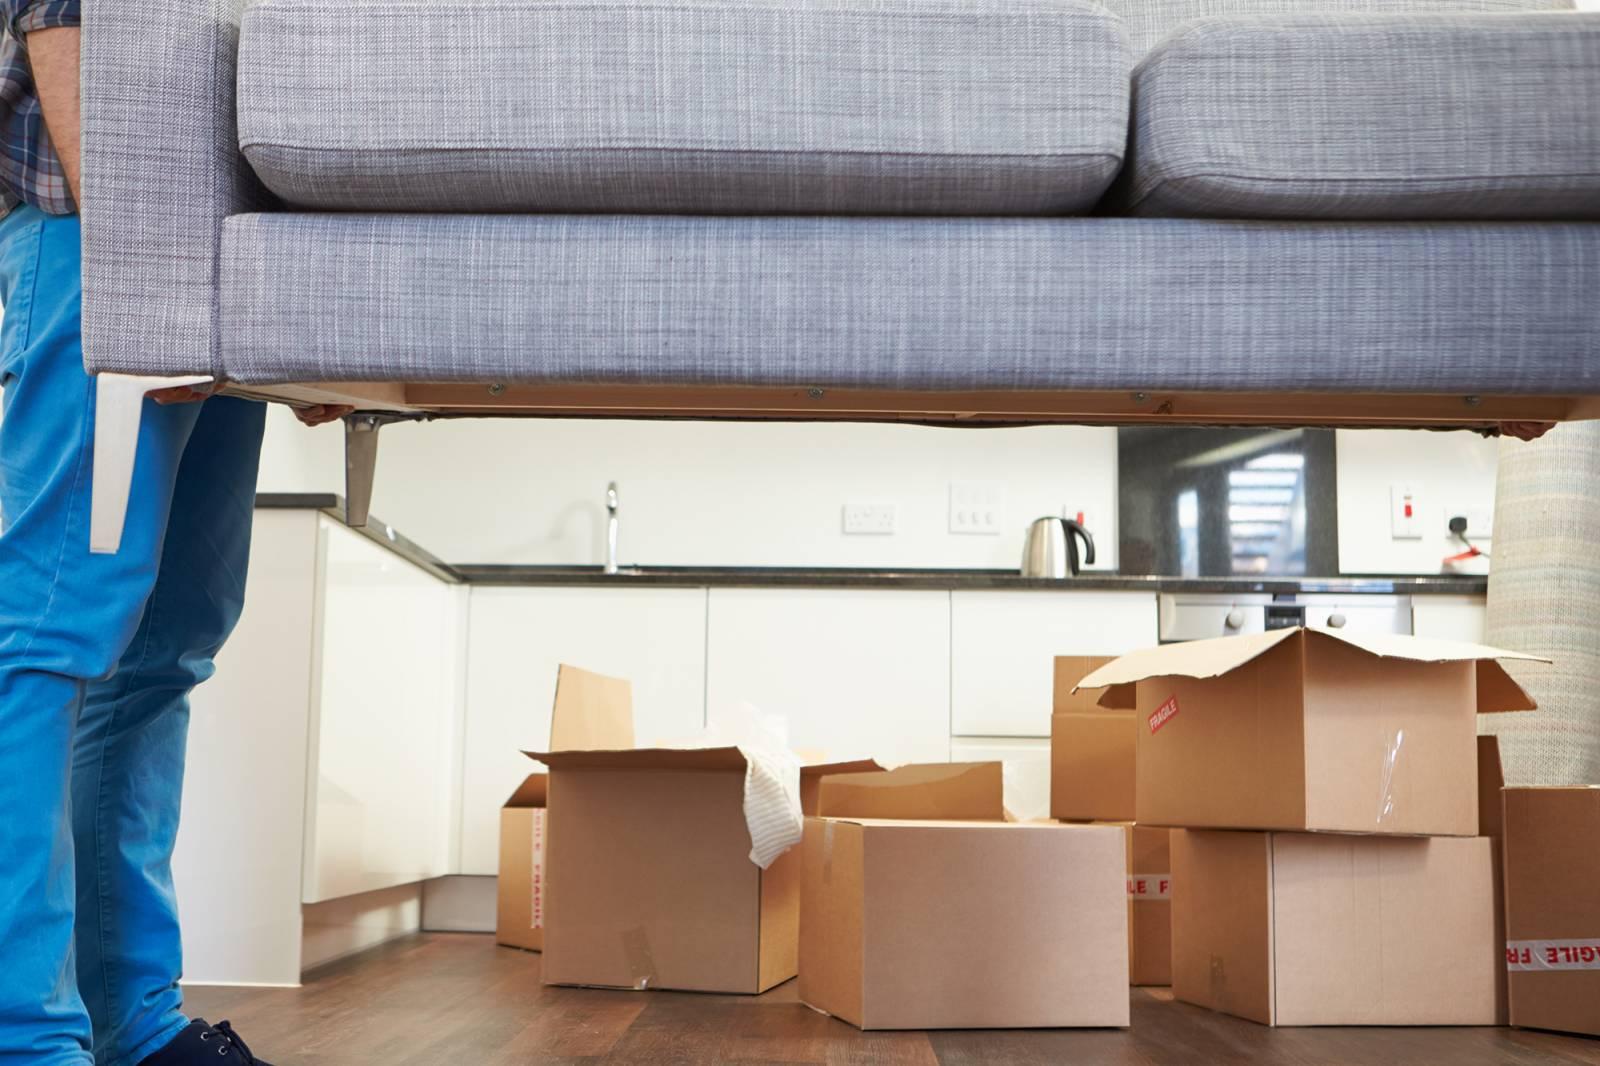 aide domicile pour d barrasser un grenier ou une cave de votre maison cassis maintien et. Black Bedroom Furniture Sets. Home Design Ideas